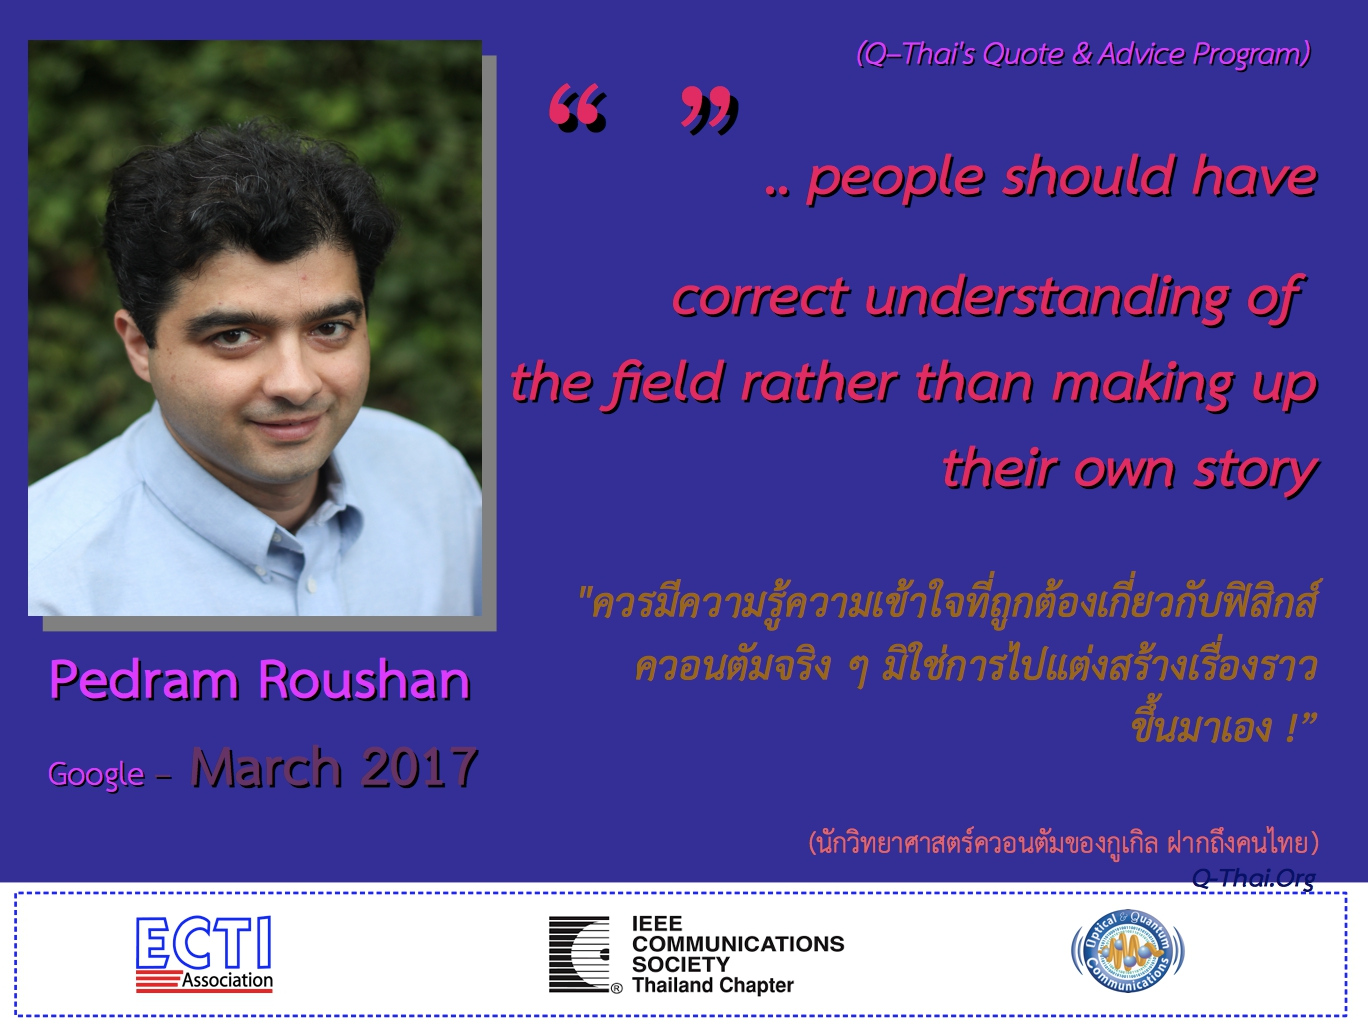 Padram Roushan